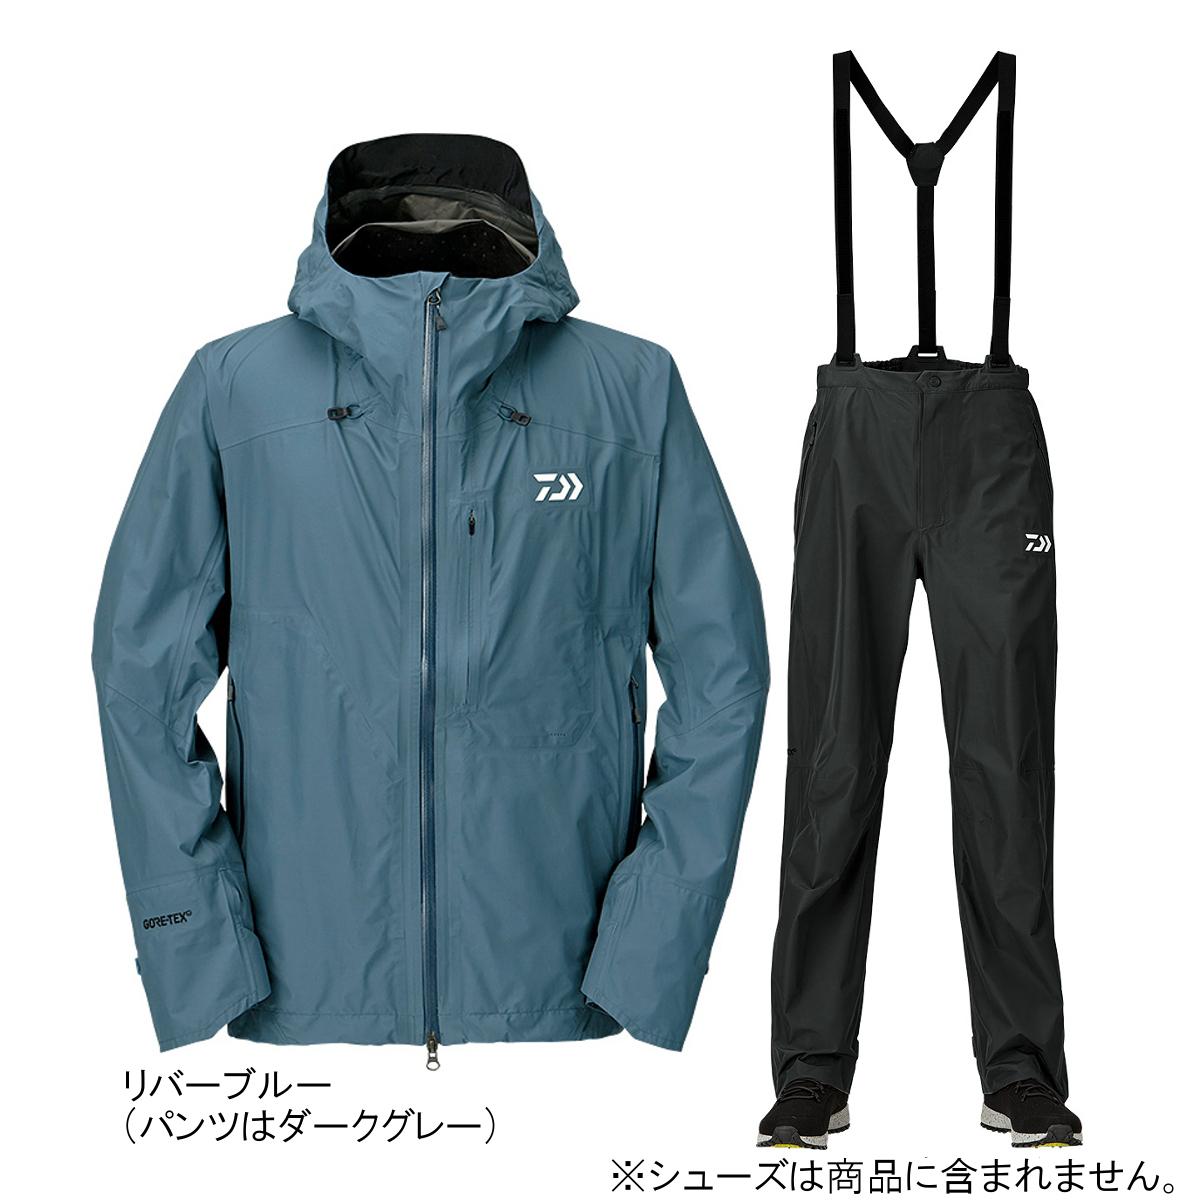 ダイワ ゴアテックス パックライトプラス レインスーツ DR-16009 M リバーブルー(東日本店)